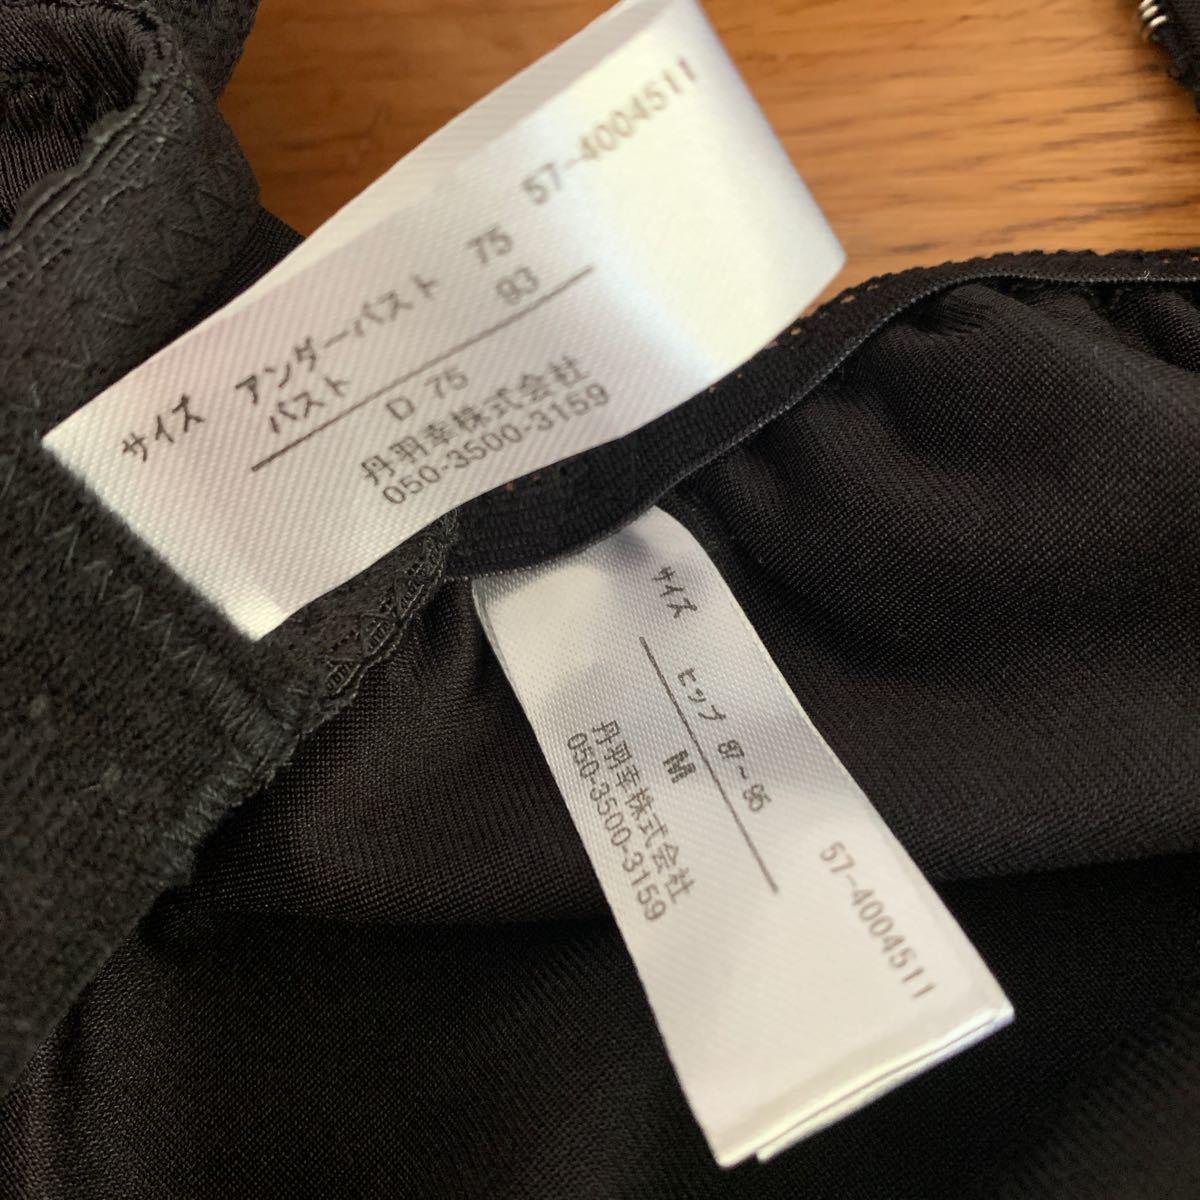 タンス整理品 ブラショーツセット ブラD75 ショーツMサイズ